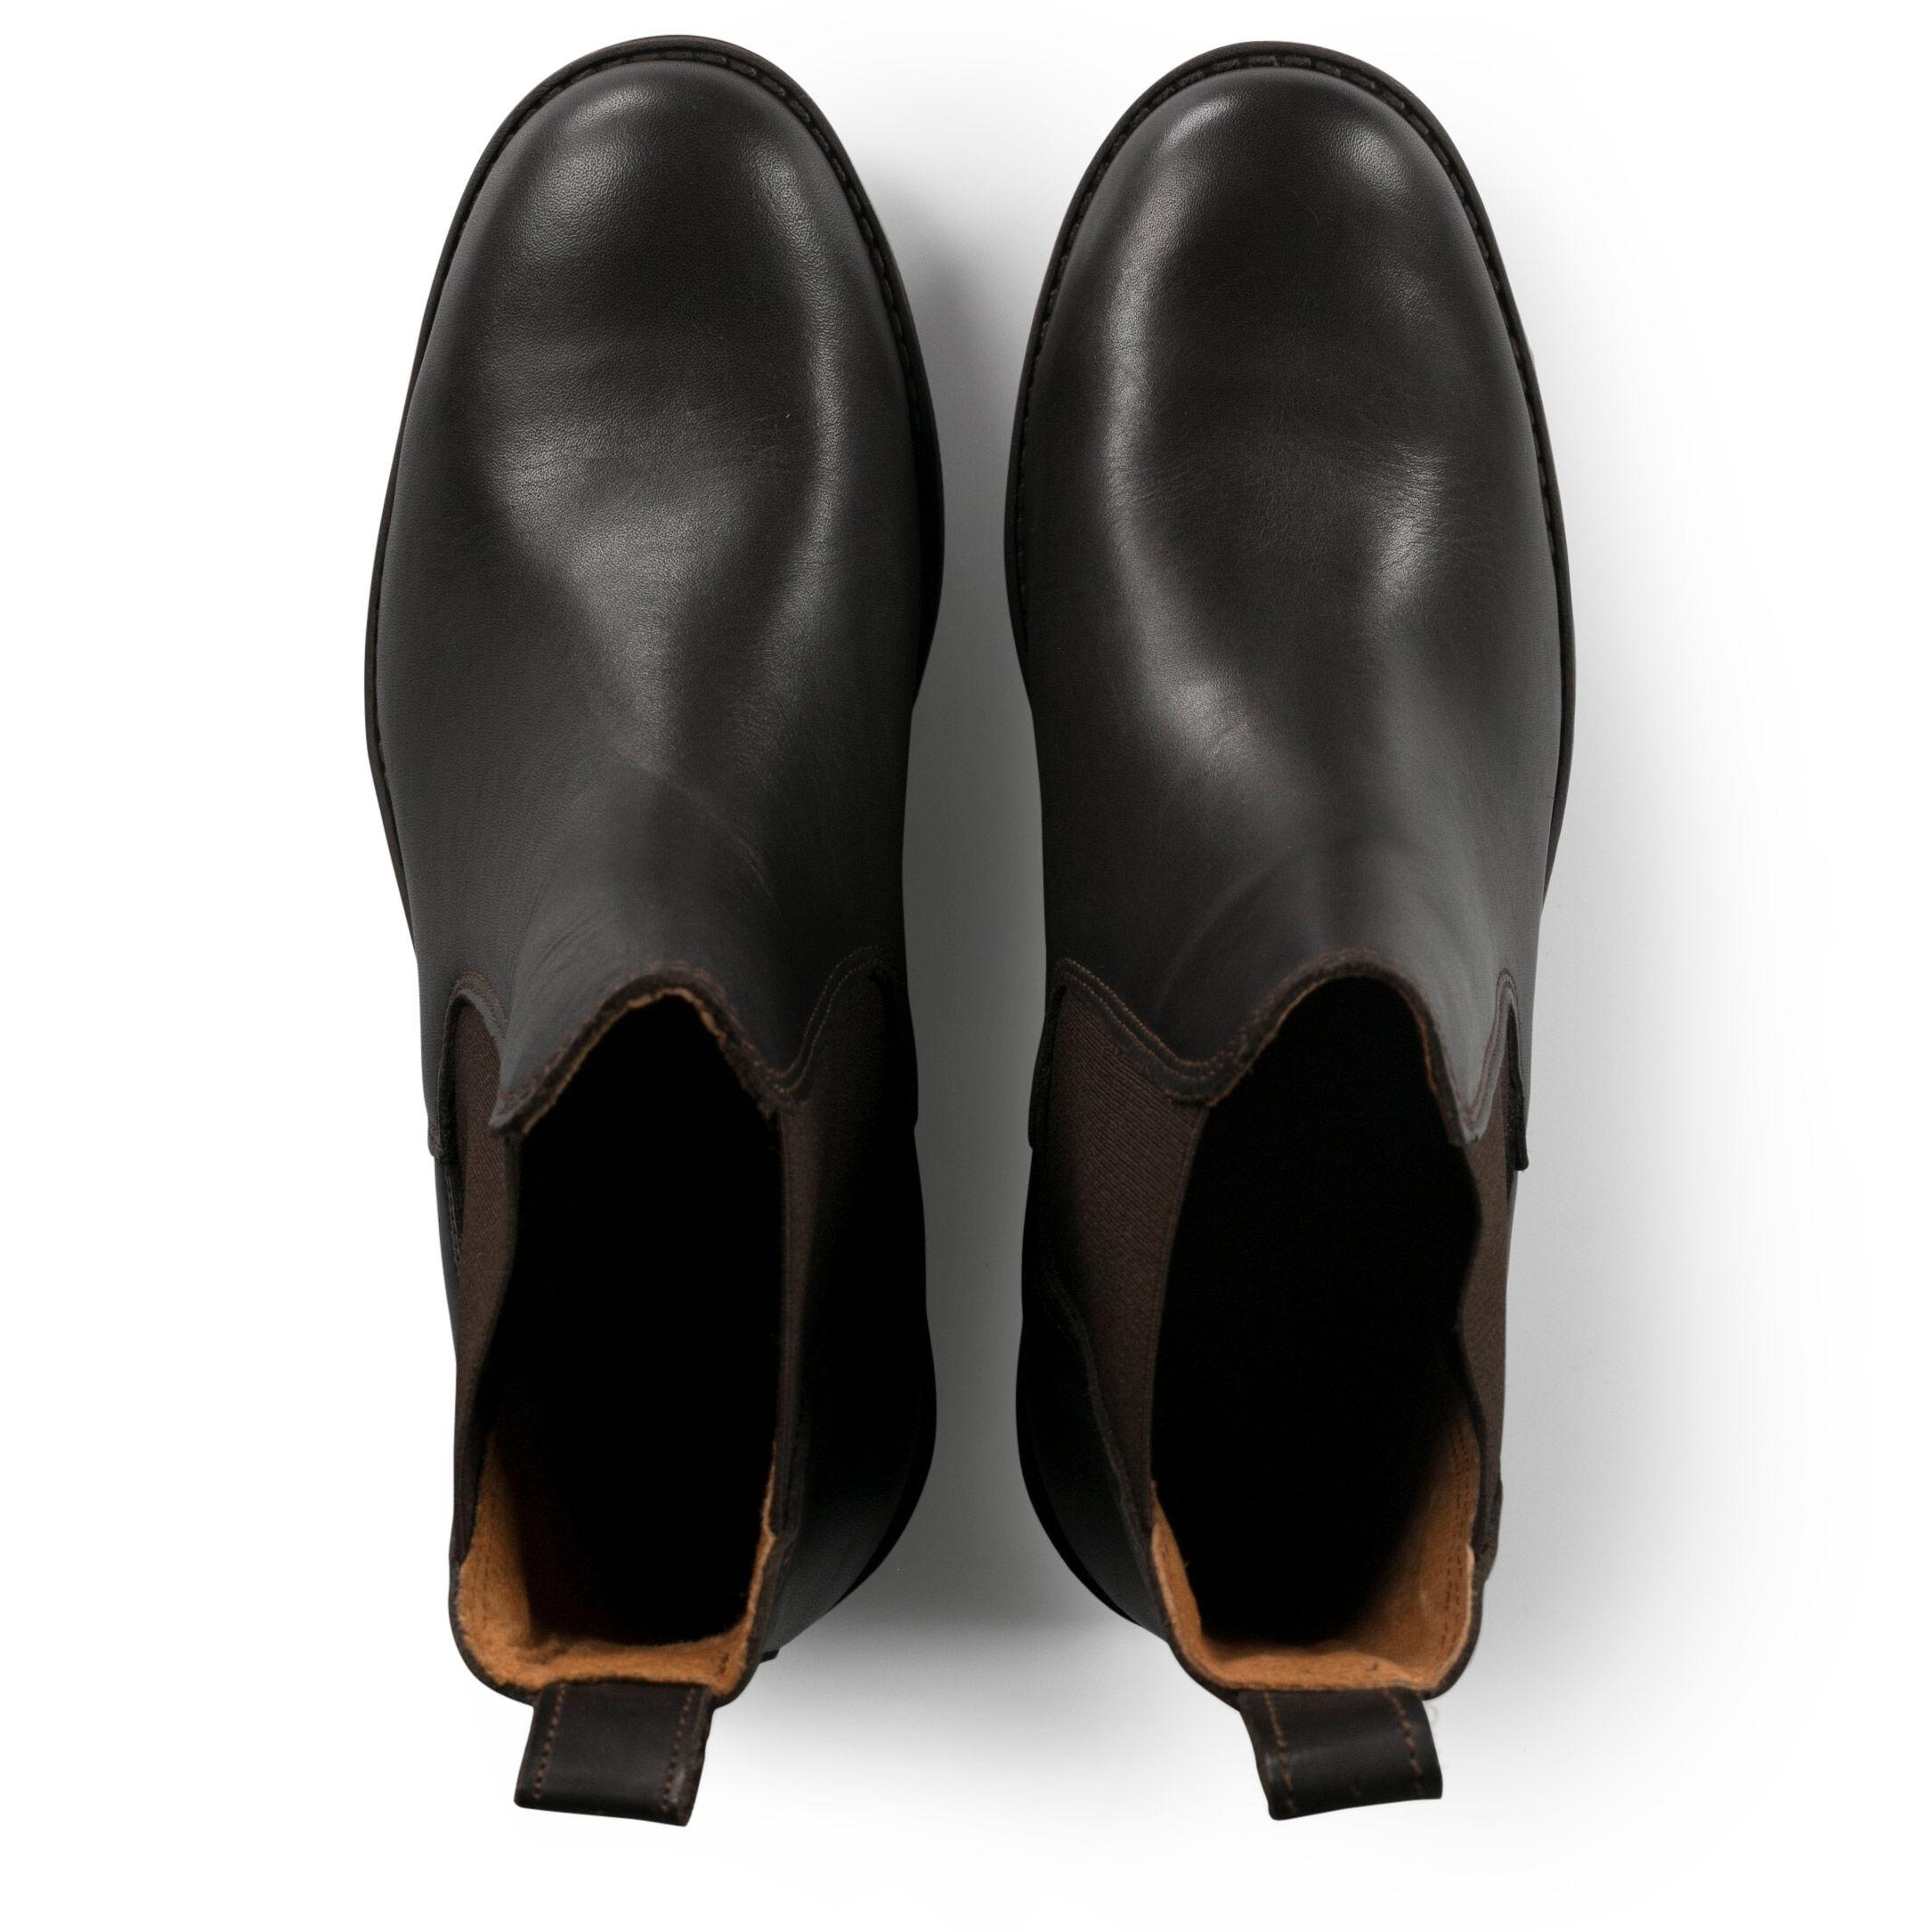 Jodhpurs Horzemarro Cuir Boots Jodhpurs Classic Boots PuOXikZ